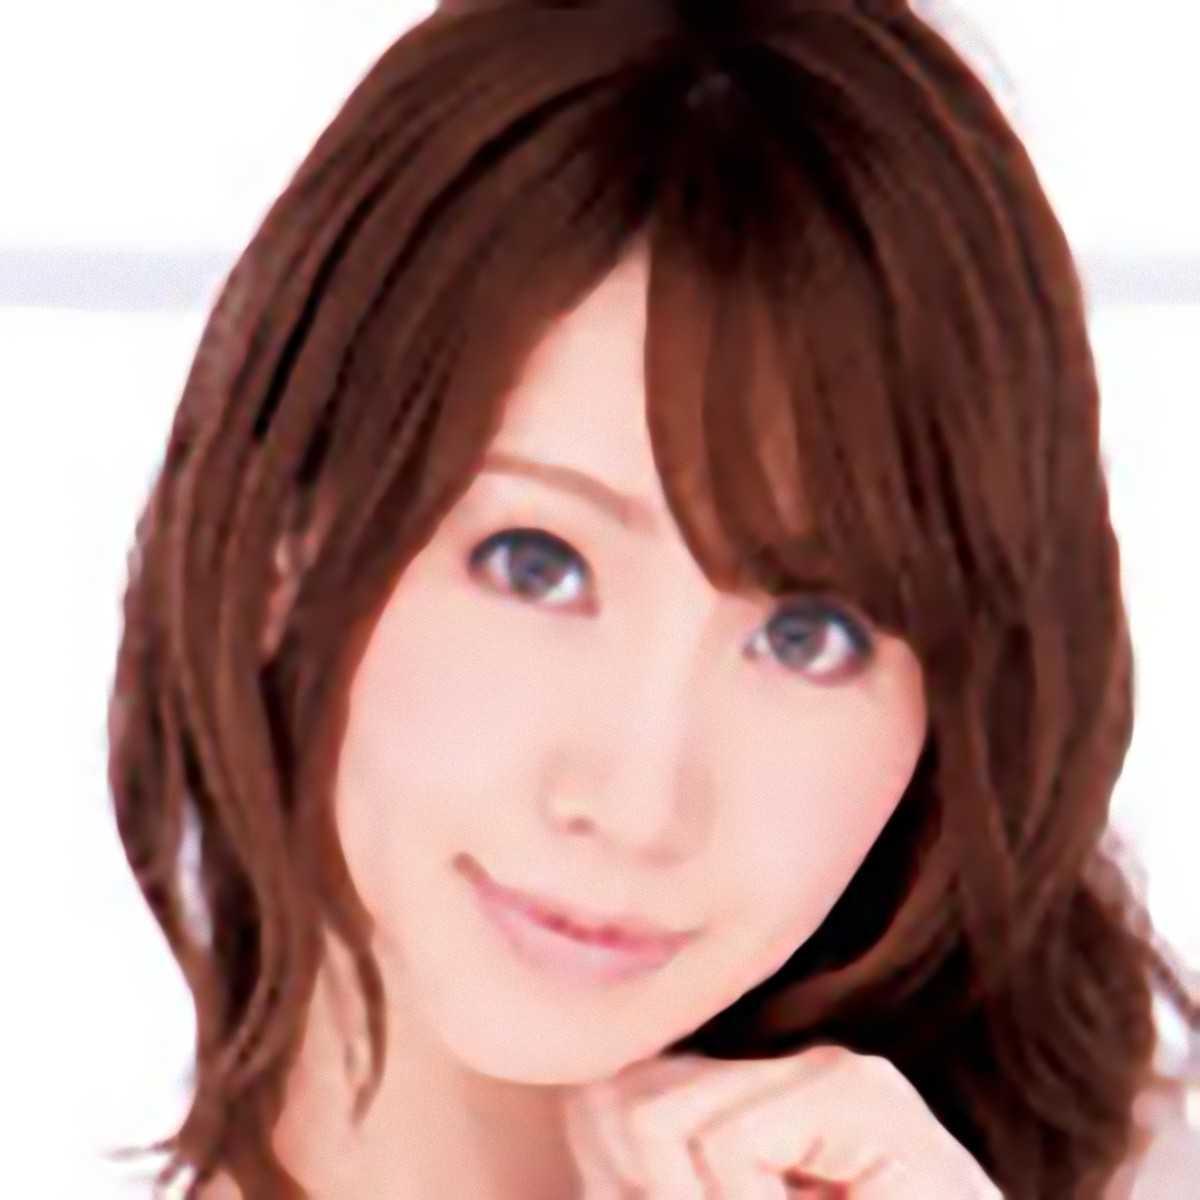 時田あいみさんのプロフィールと画像集6ページ目 | AV女優画像